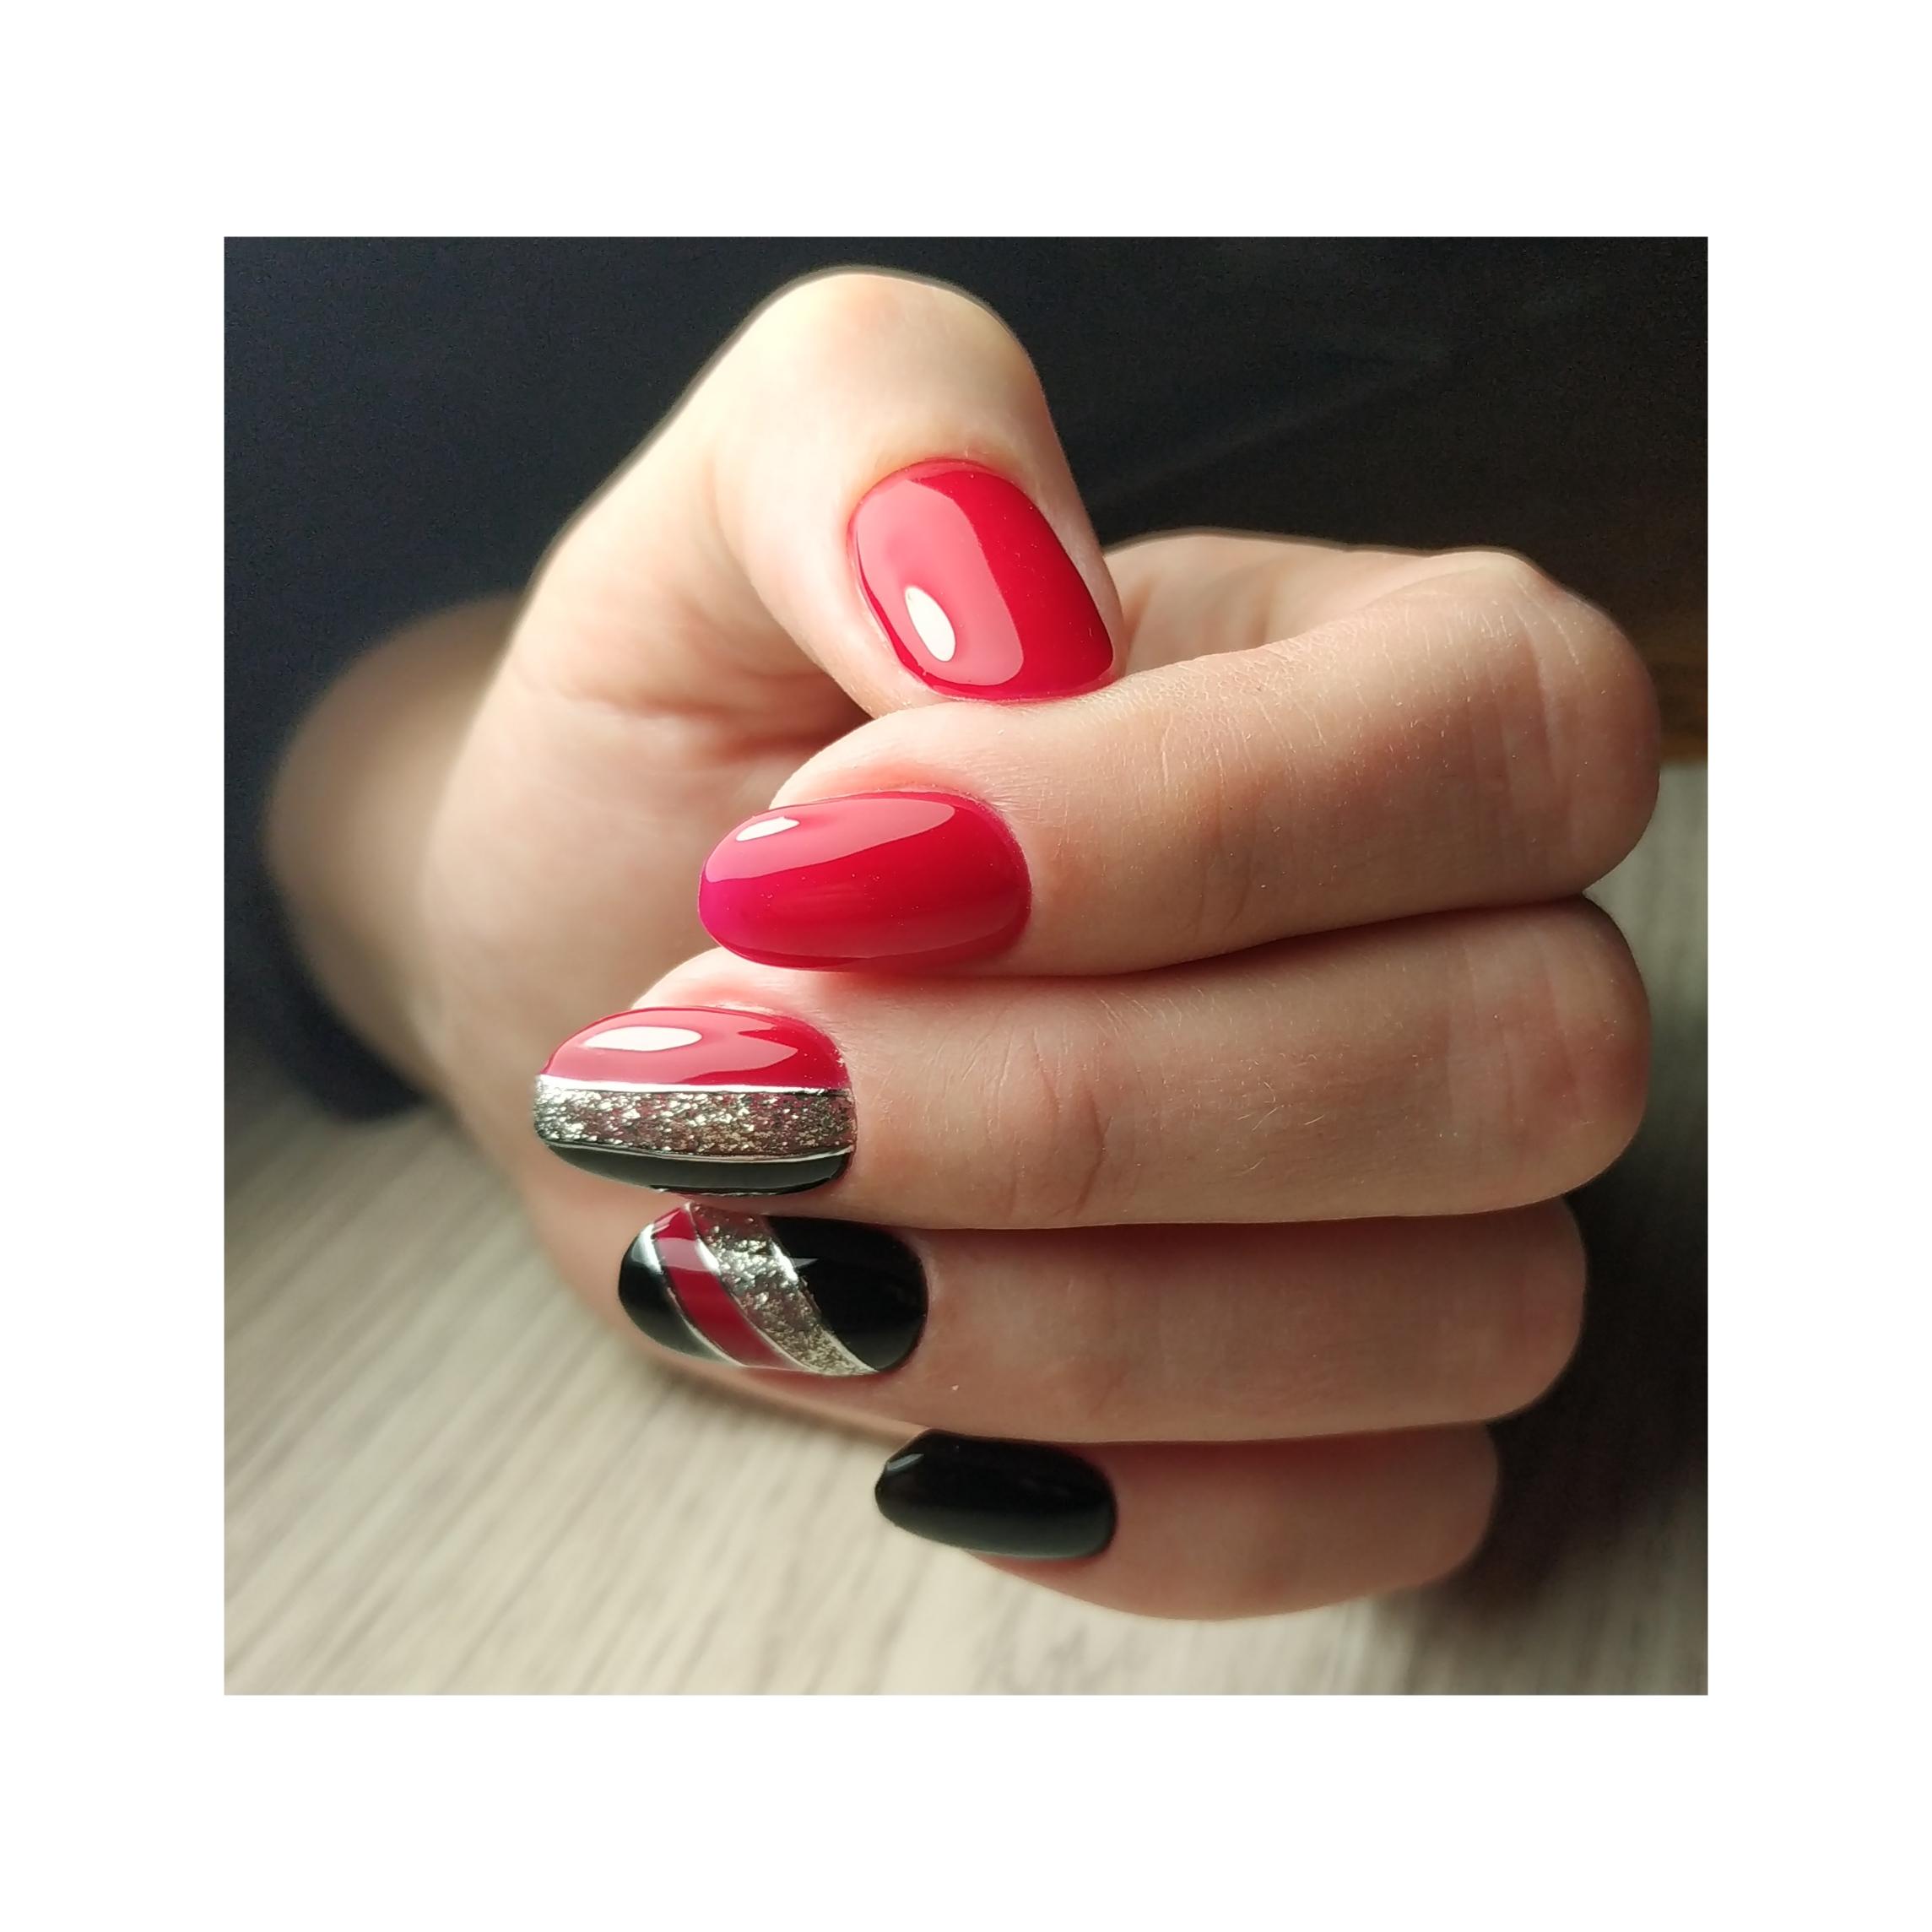 Геометрический маникюр с серебряными блестками в красном цвете.